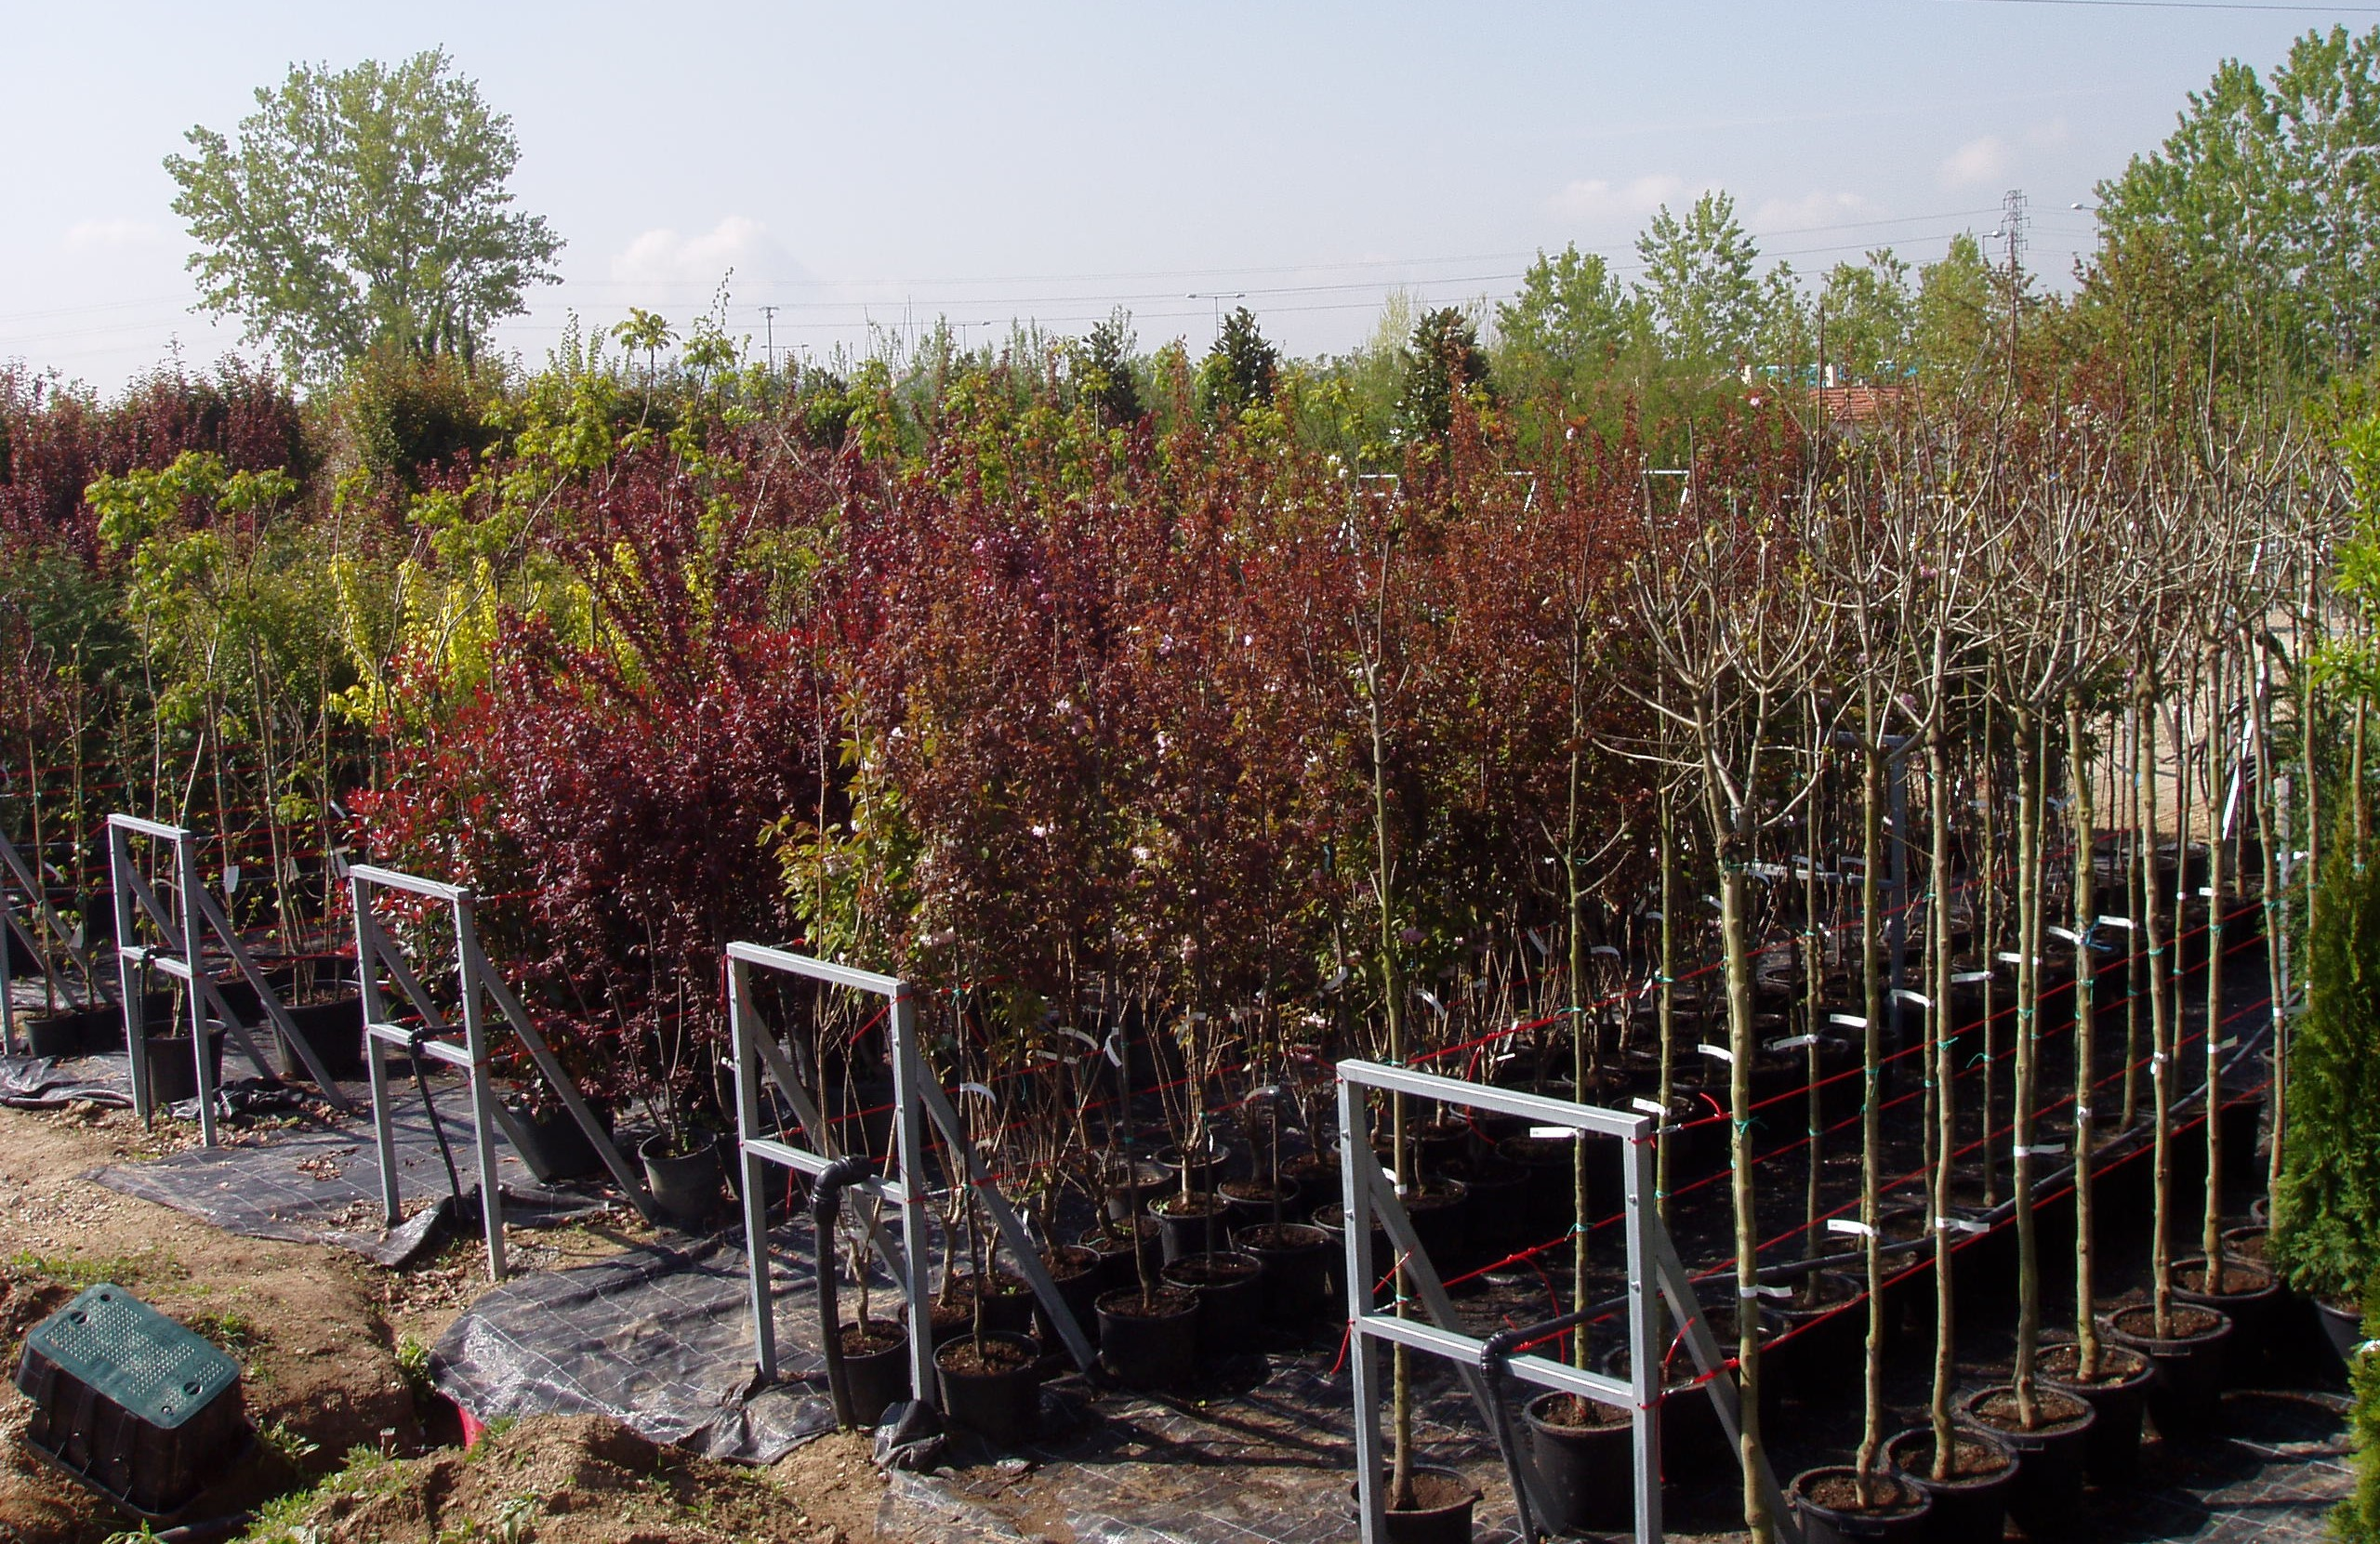 Centro de jardiner a viveros gimeno for Jardineria rosales